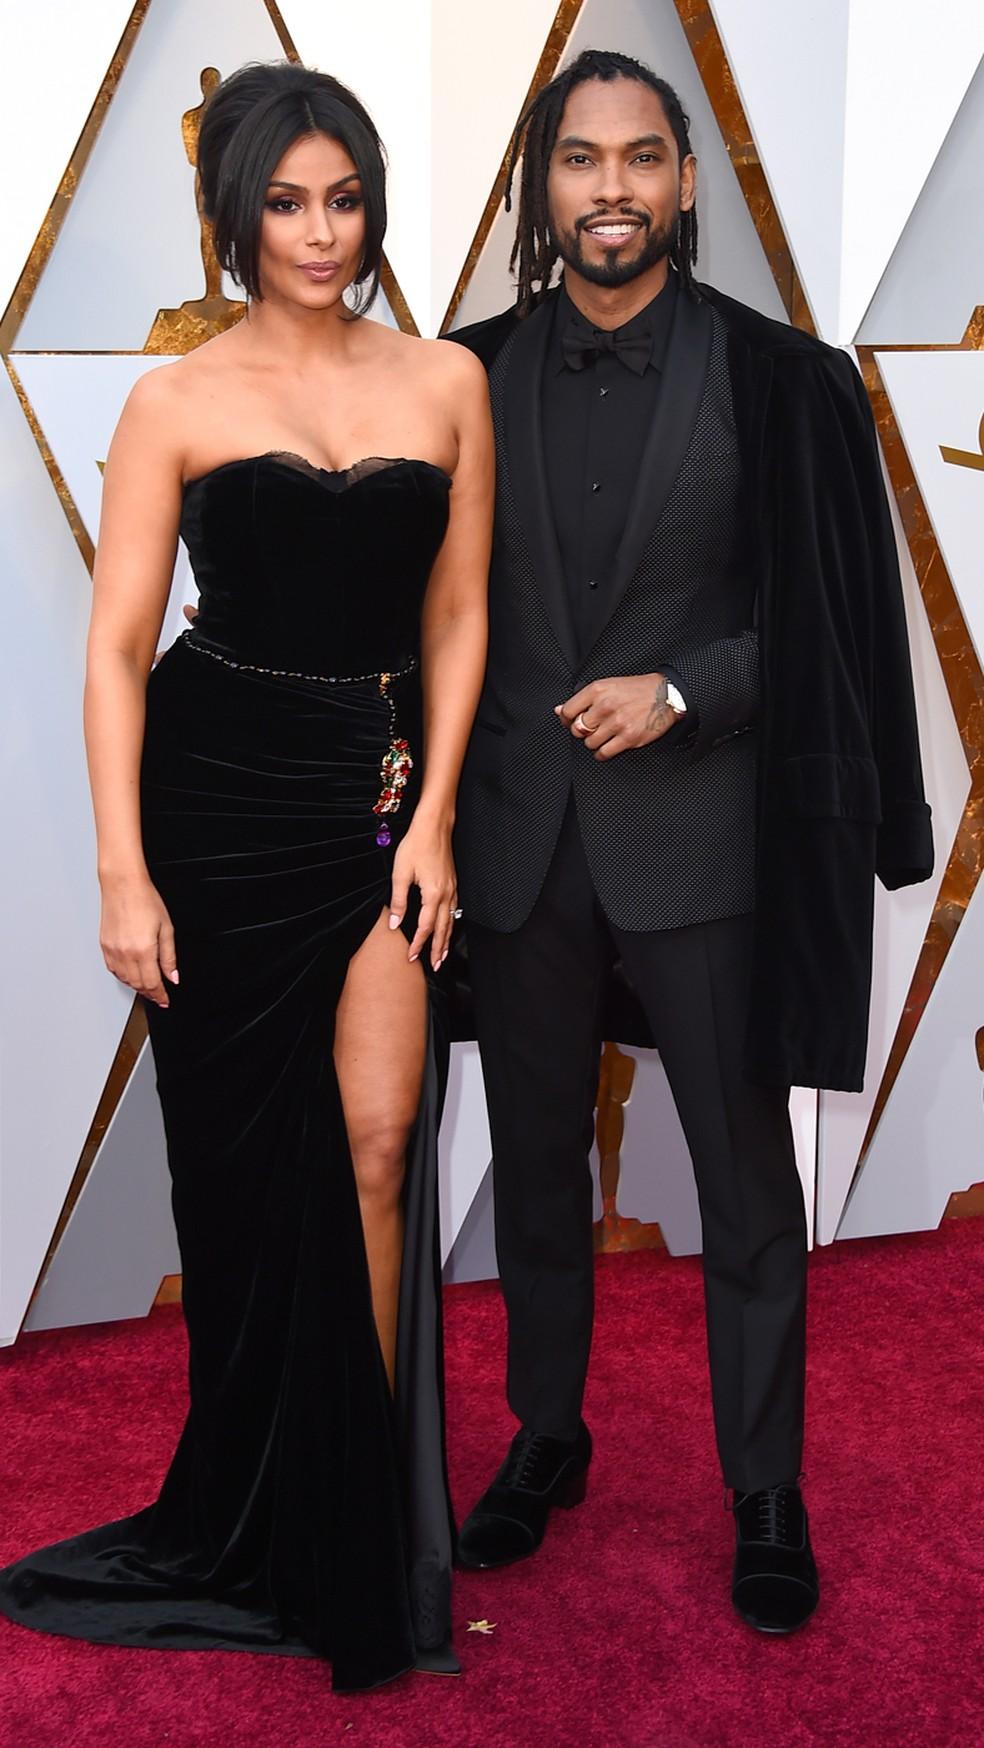 O cantor Miguel, da trilha sonora de 'Viva', e Nazanin Mandi chegam ao Oscar 2018 (Foto: Jordan Strauss/Invision/AP)